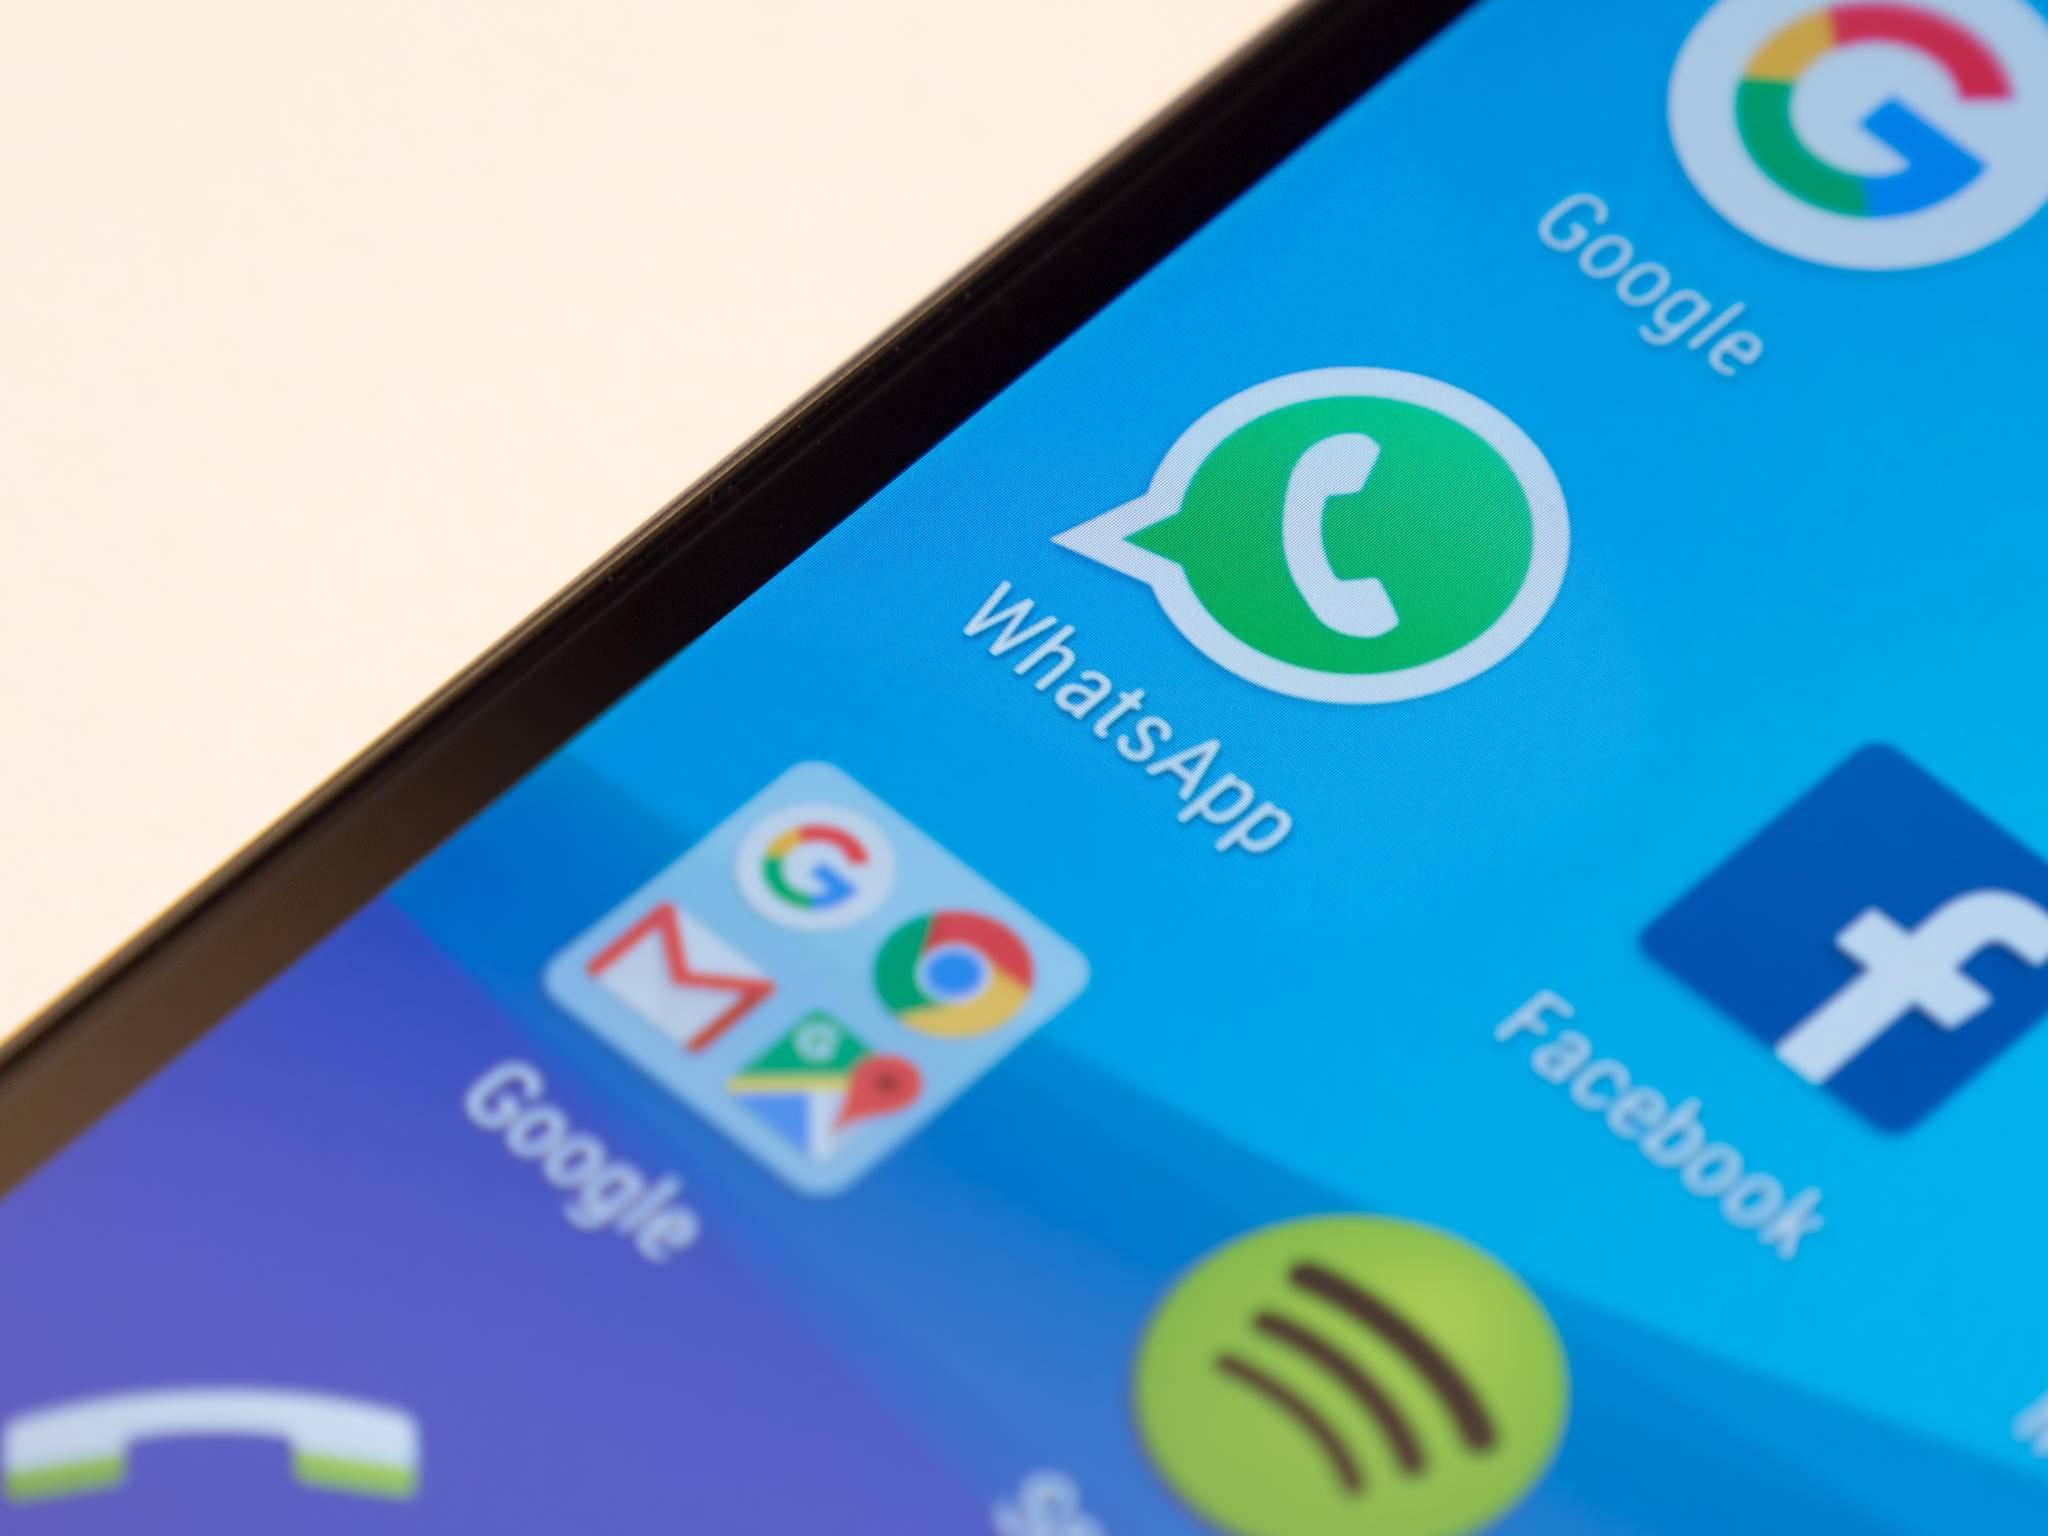 2015 arbeiteten nur eine Handvoll Leute an der Android-Version von WhatsApp.